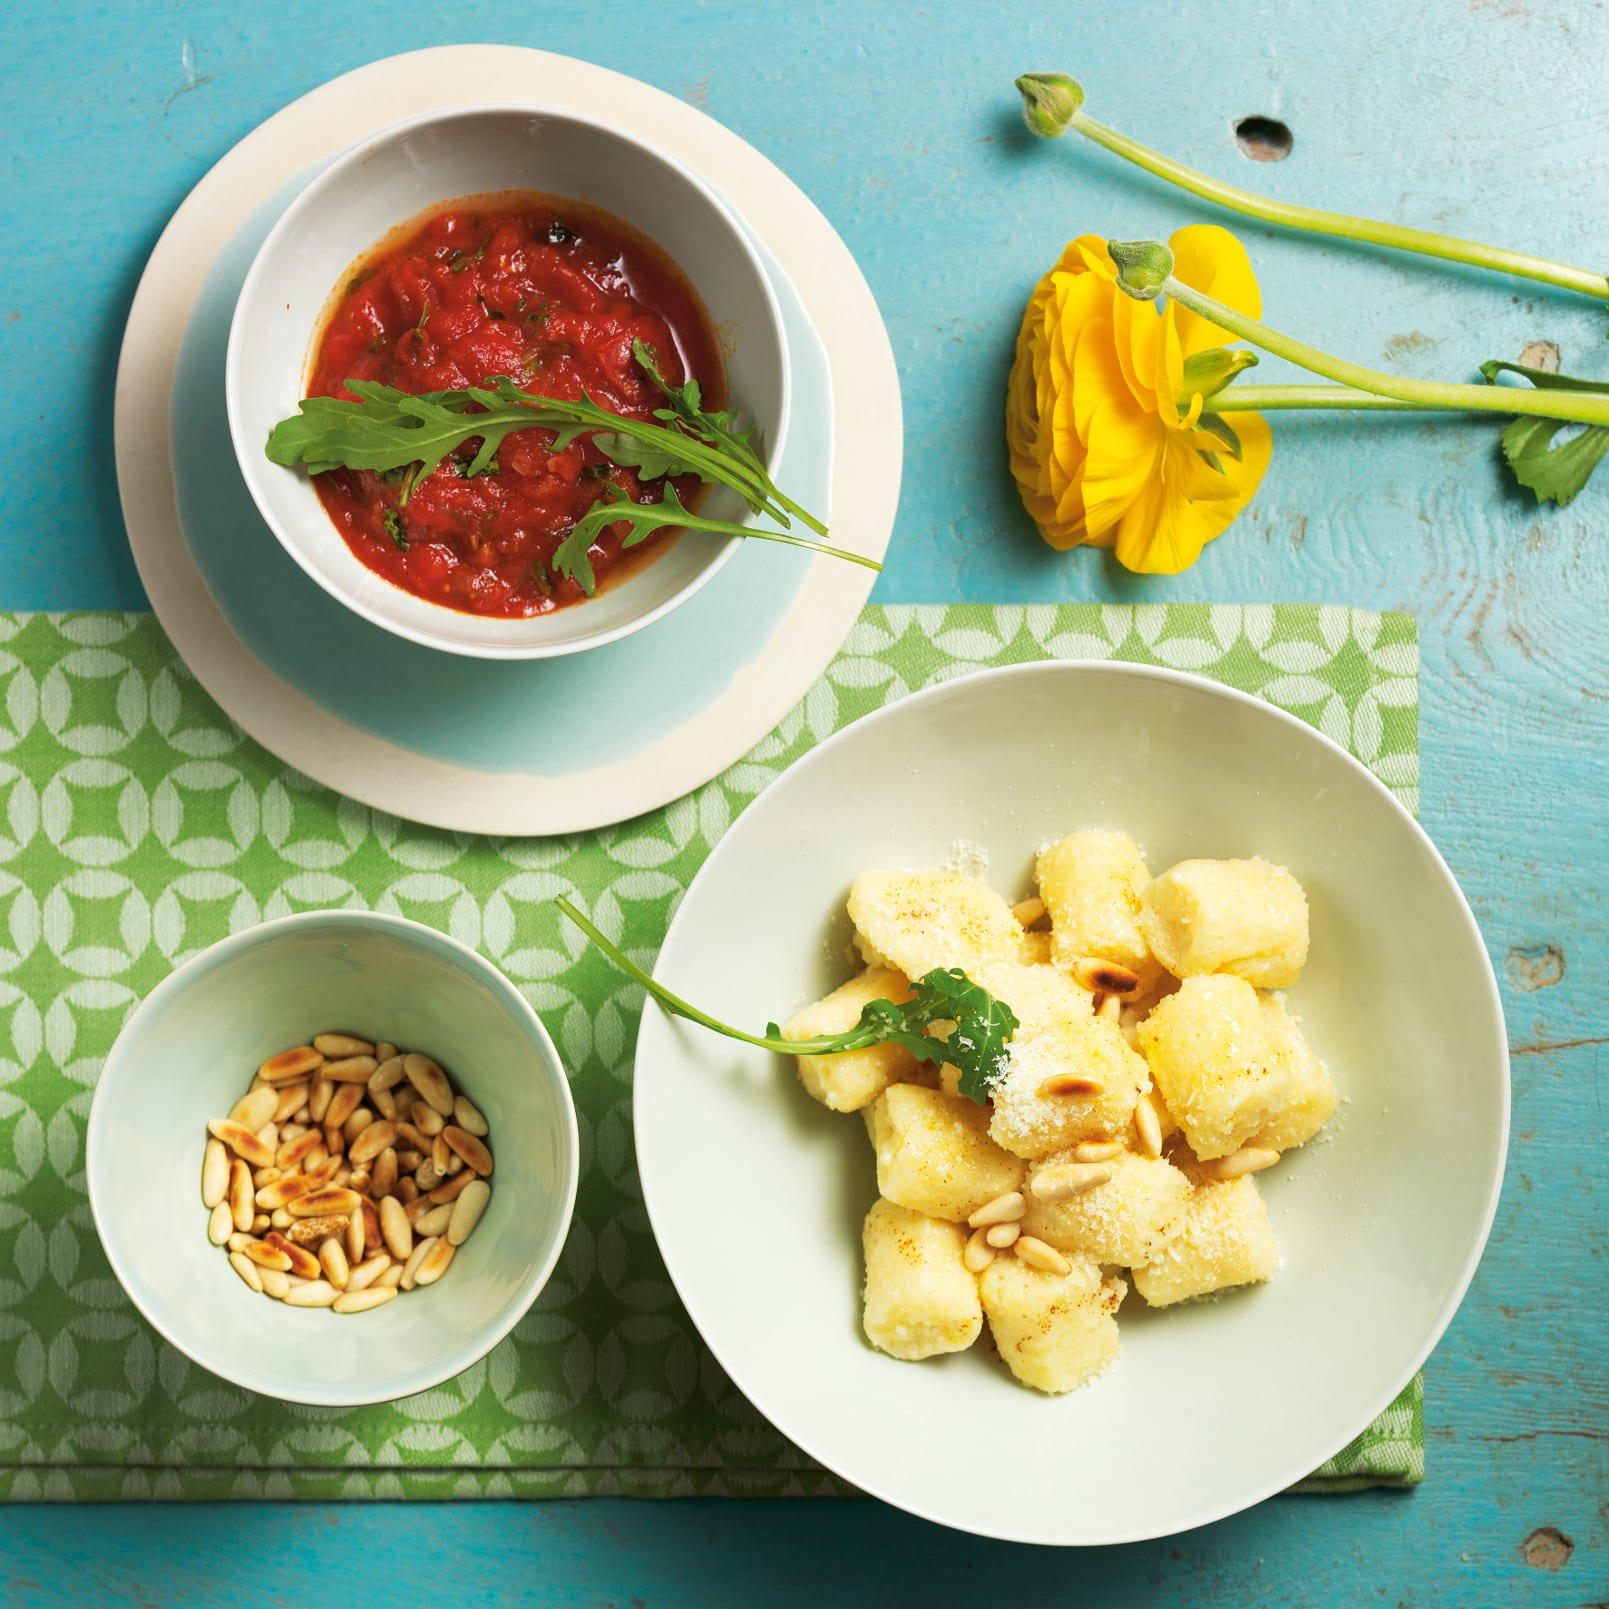 Gnocchi au séré et sauce tomate